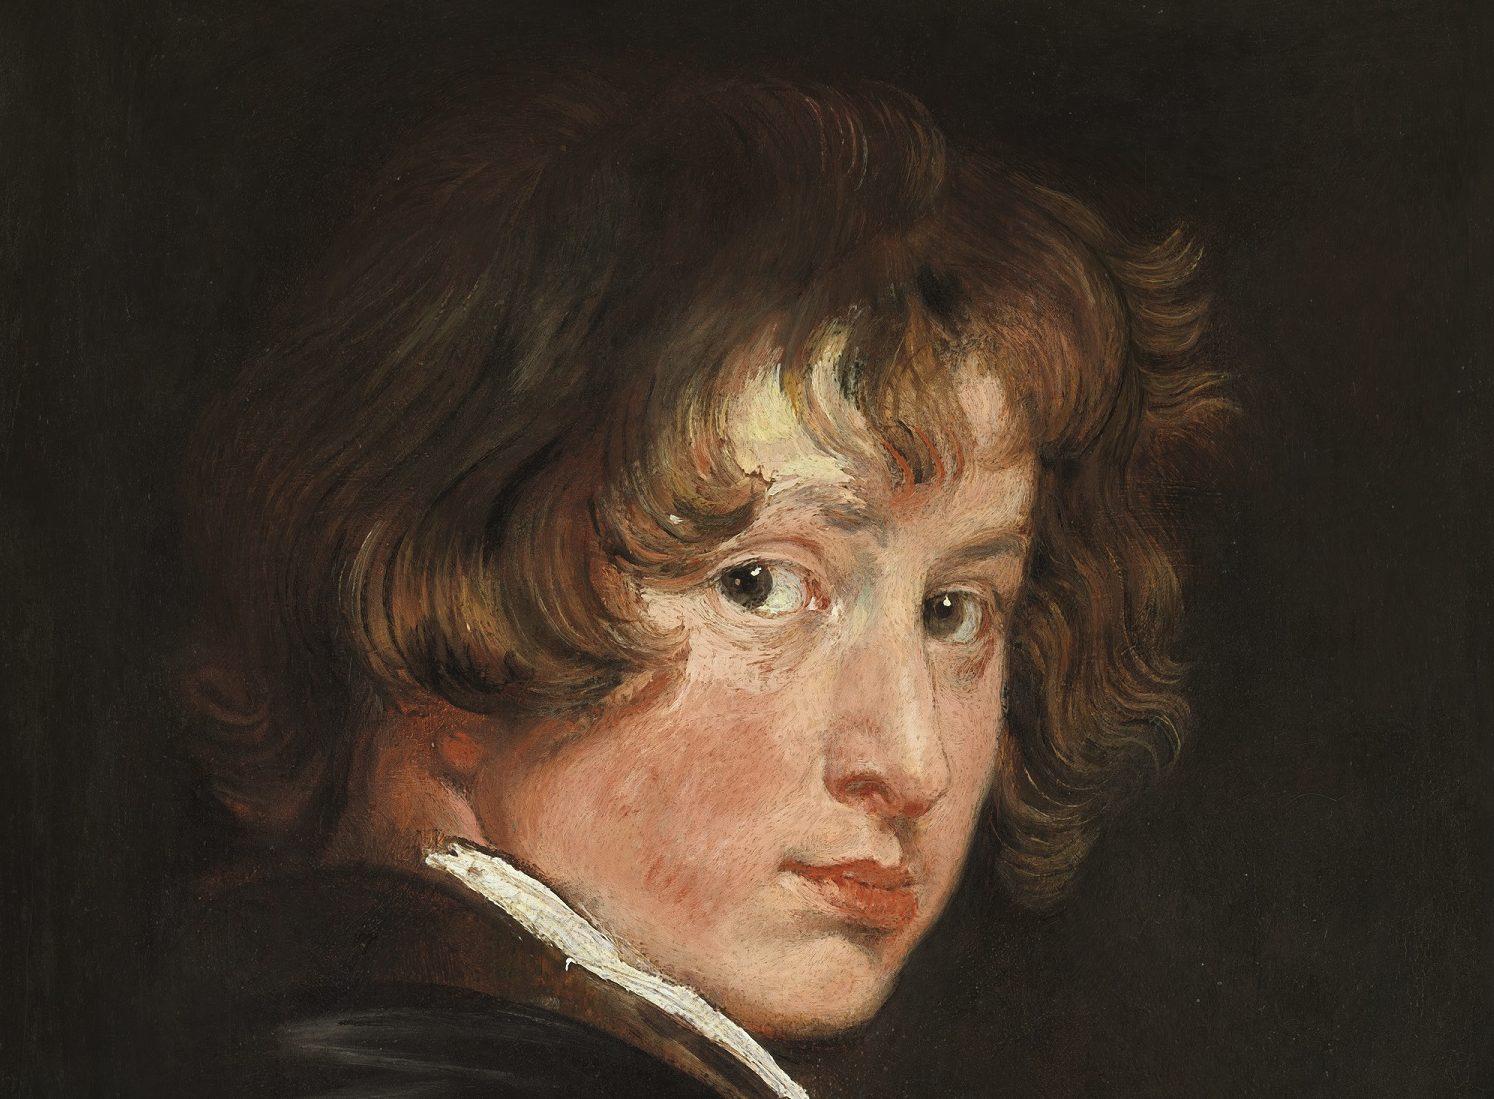 Antoon van Dyck, Autoritratto, 1615. © Gemäldegalerie der Akademie der bildenden Künste, Wien